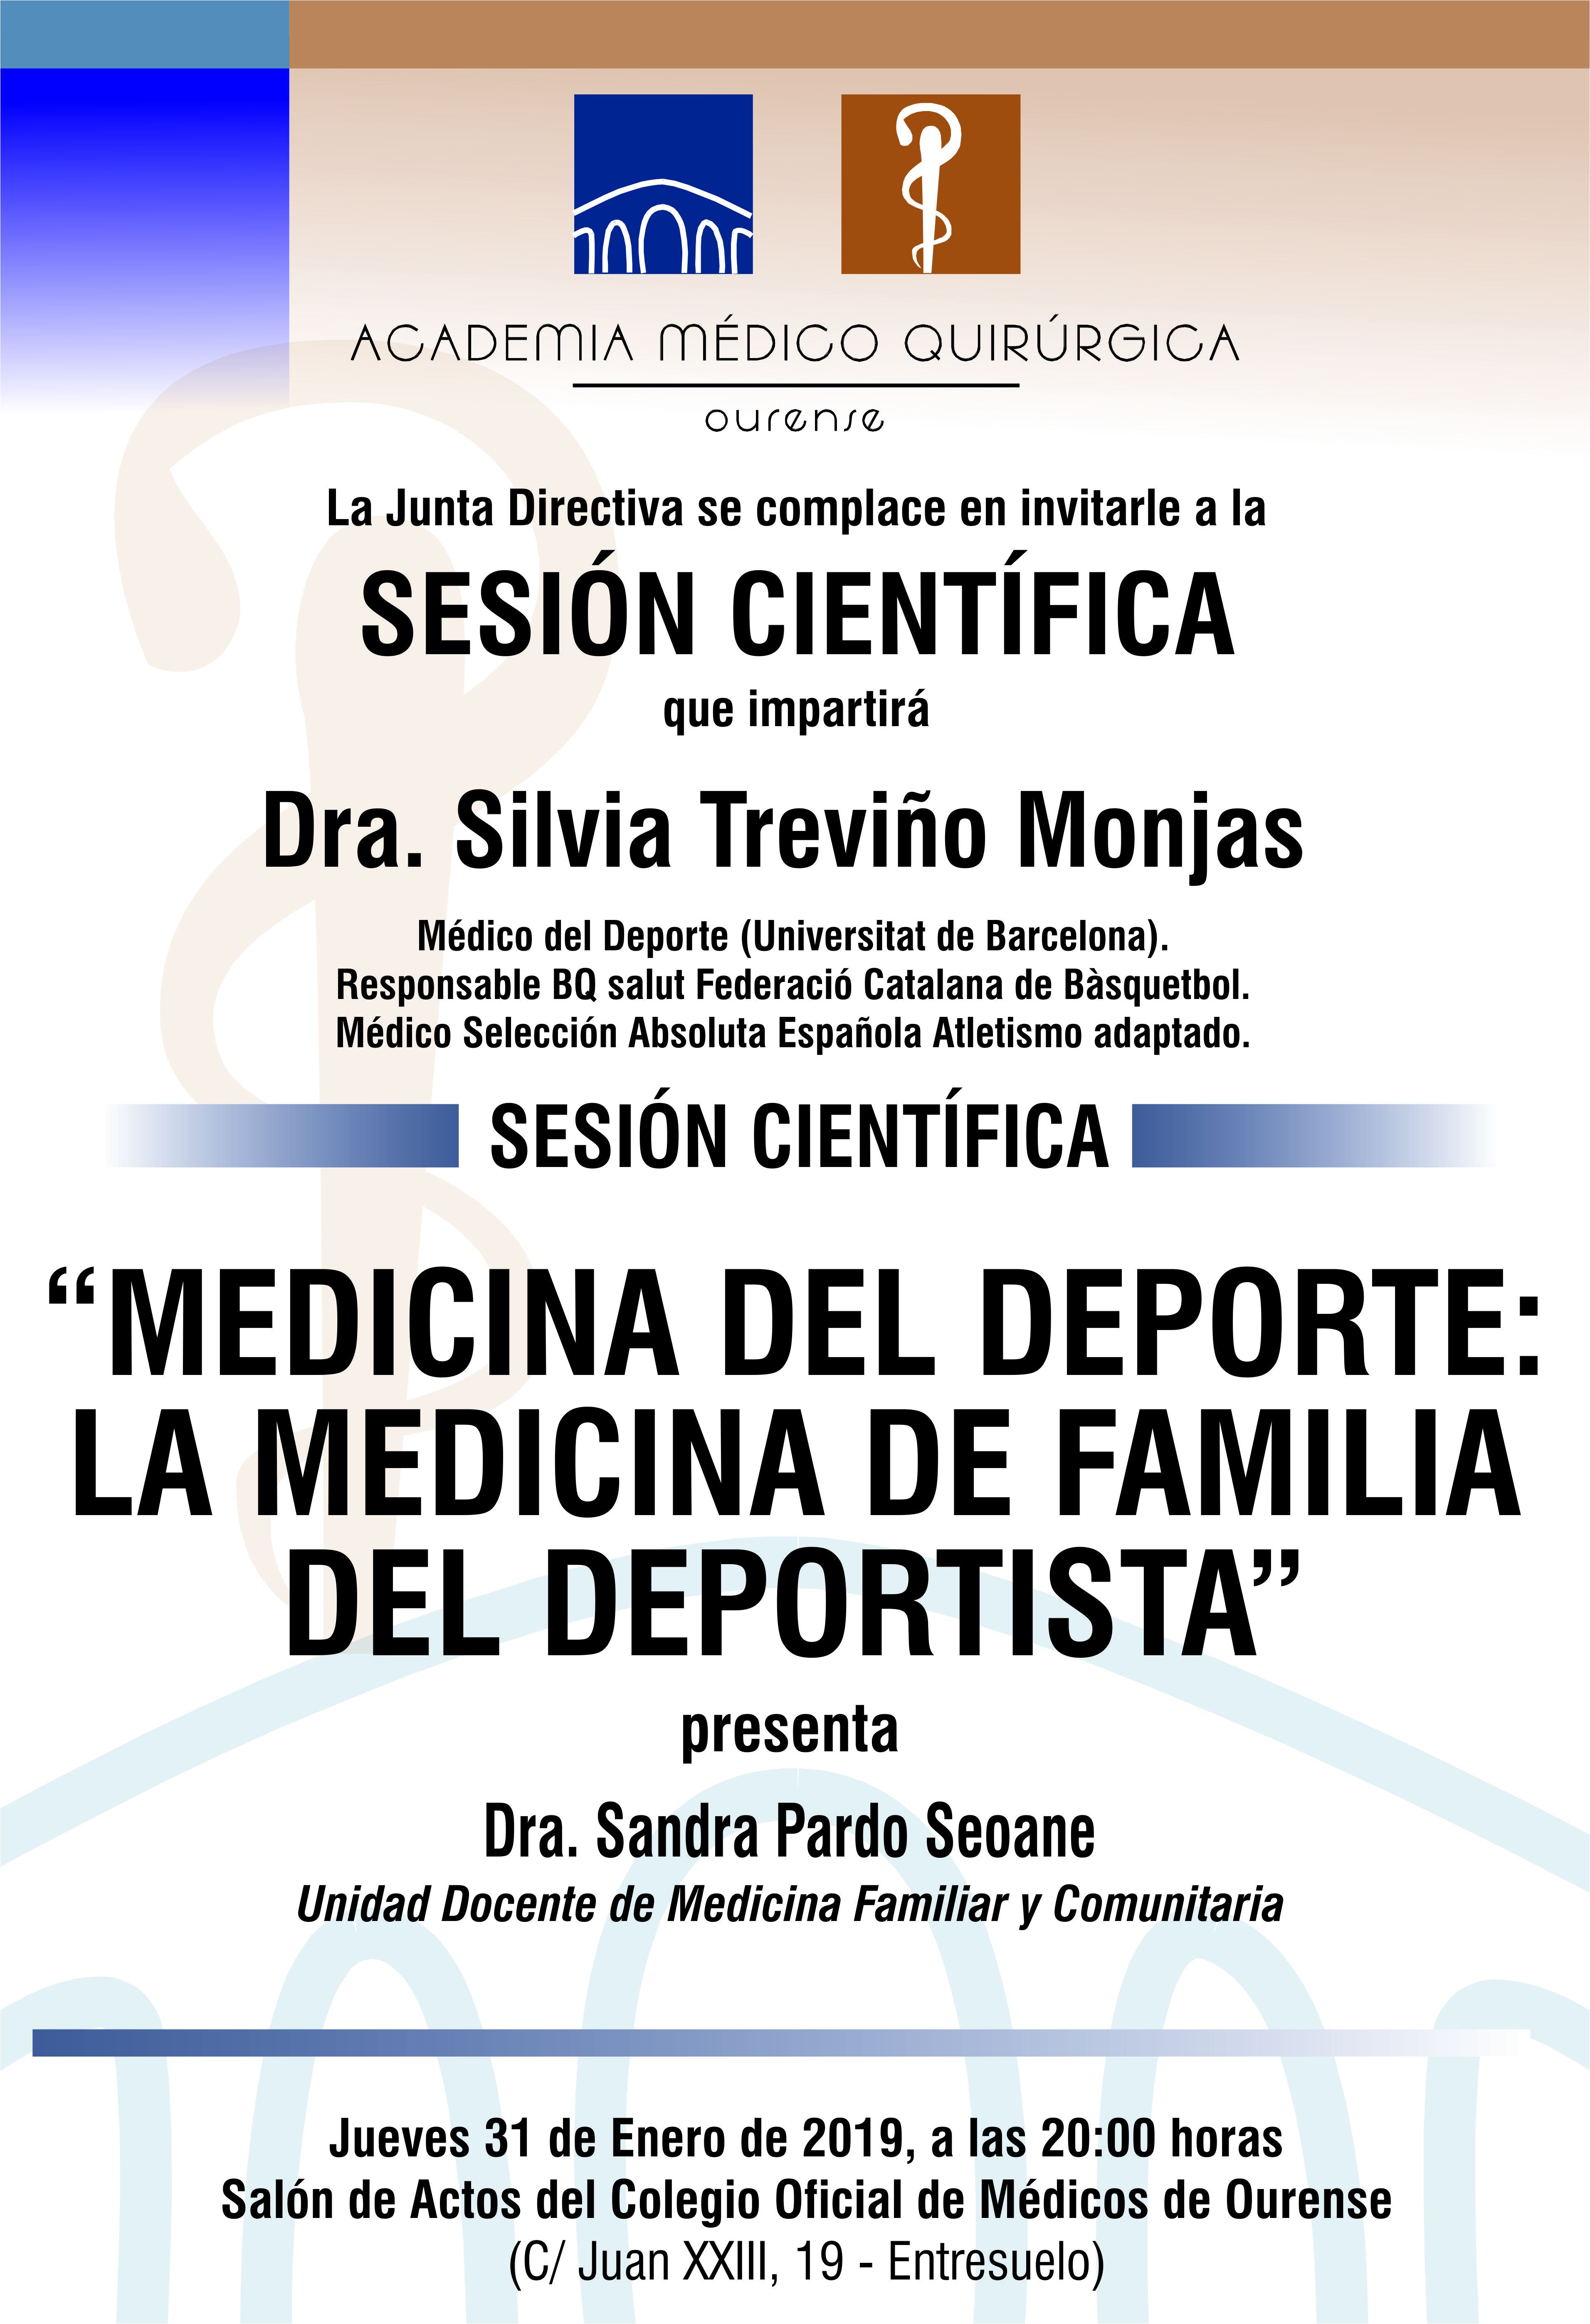 Sesión AMQ: Medicina del Deporte: La Medicina de Familia del Deportista